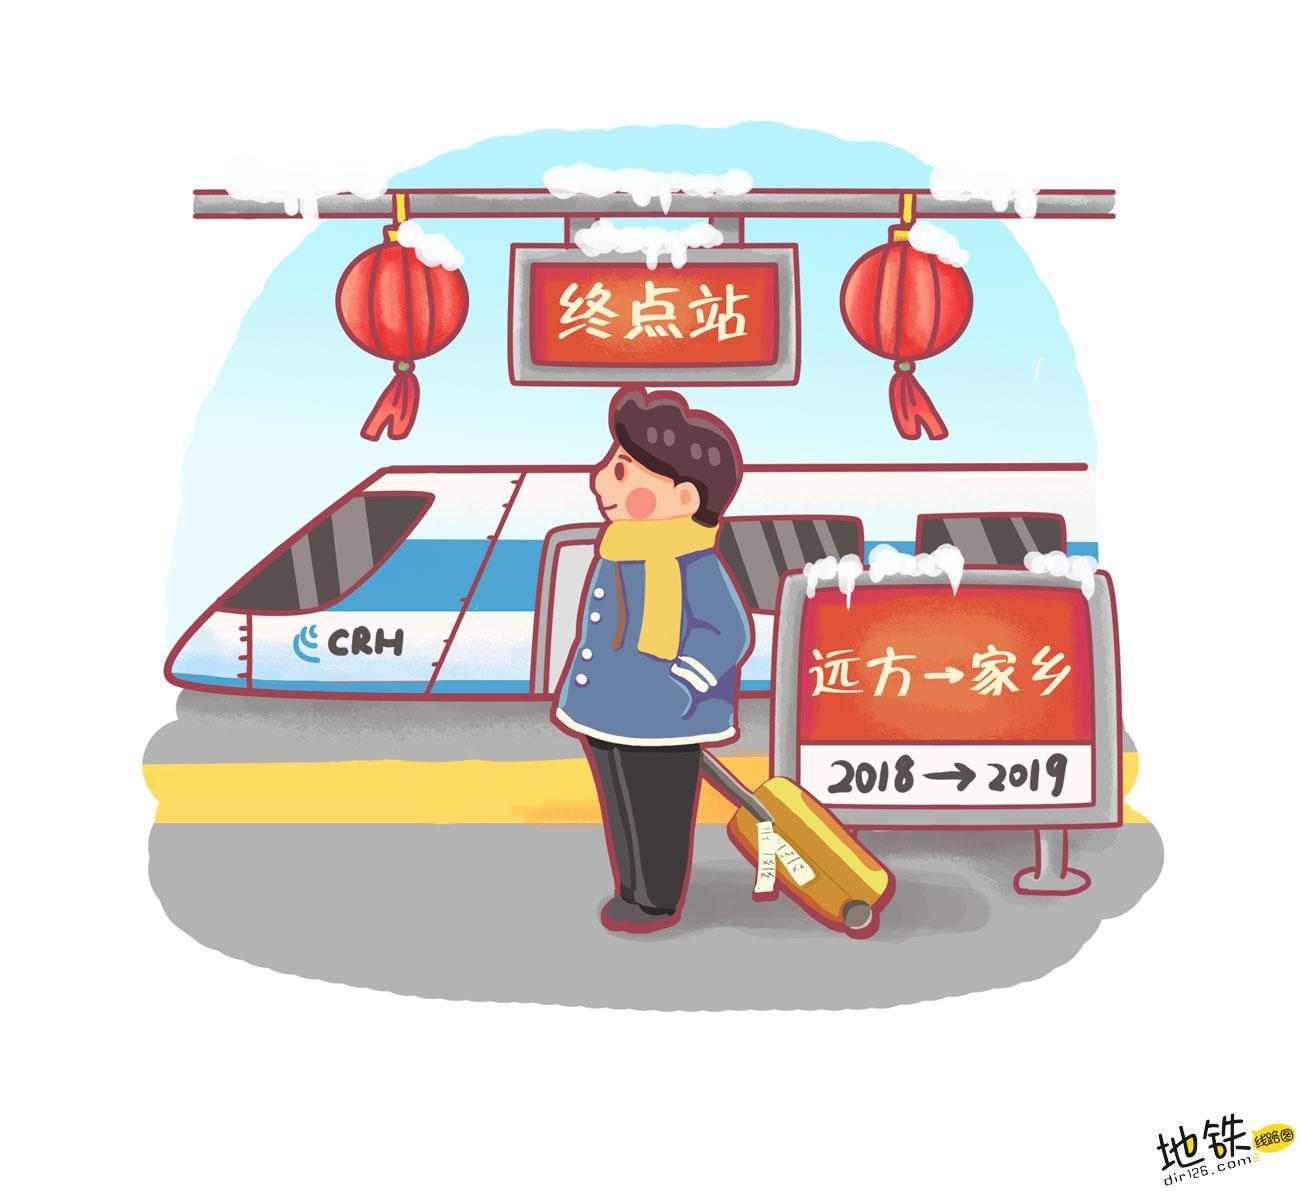 中国高铁线路图2019最新高清版(2019.1.5)双旦春运更新 轨道 更新 线路图 高铁 中国 高铁线路图  第1张